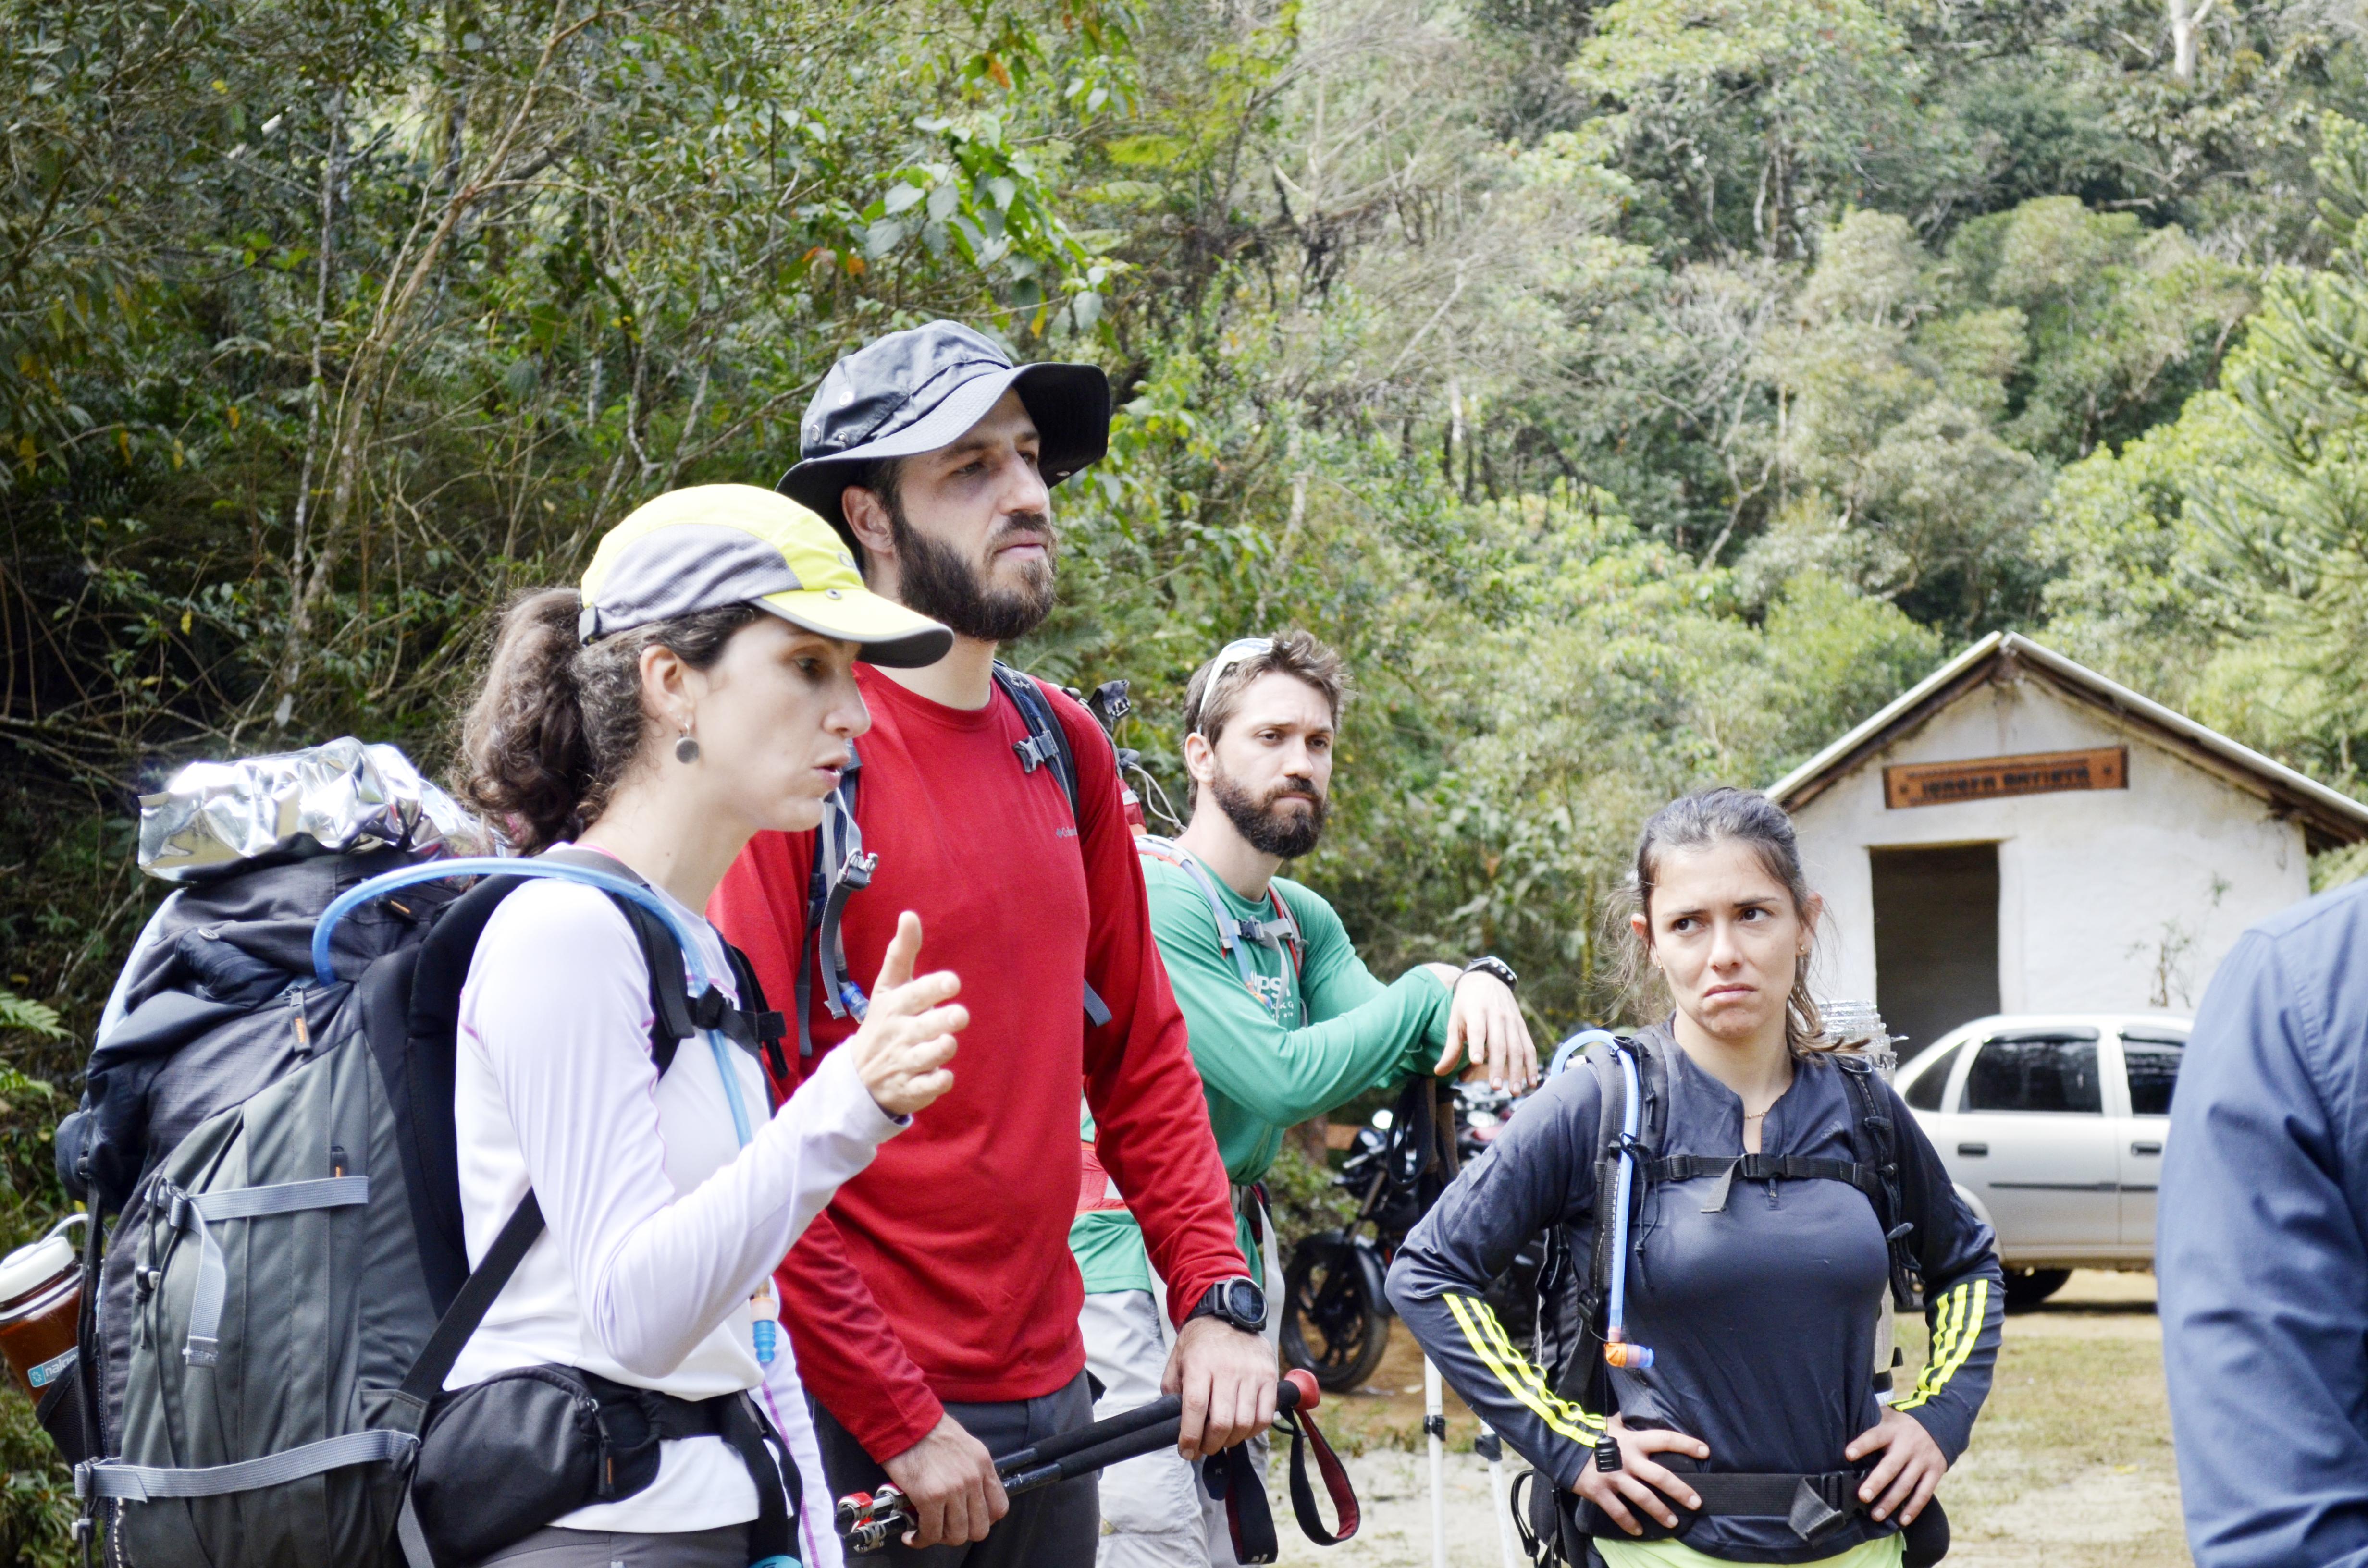 Montanhistas resgatados por equipe dos Bombeiros após incêndio que tomou parte do Pico dos Marins, no último final de semana (Foto: Leandro Oliveira)